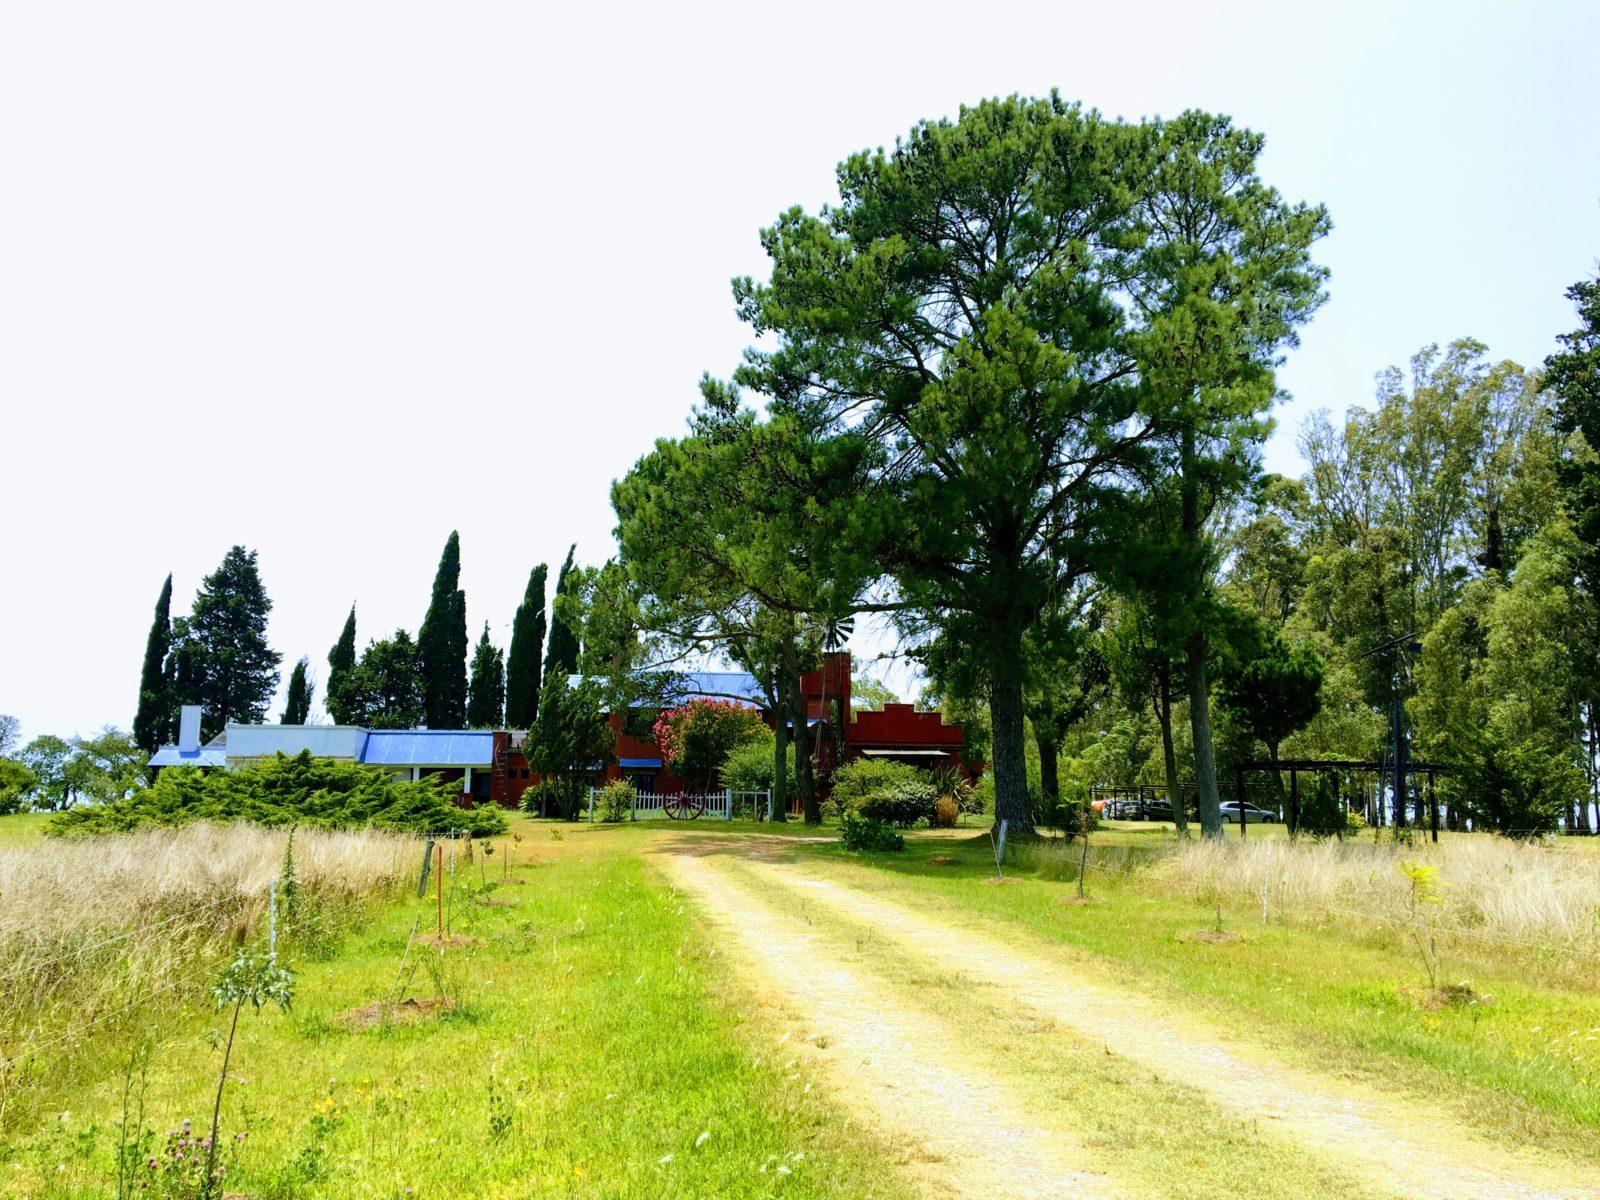 Altos Eco Village colonia